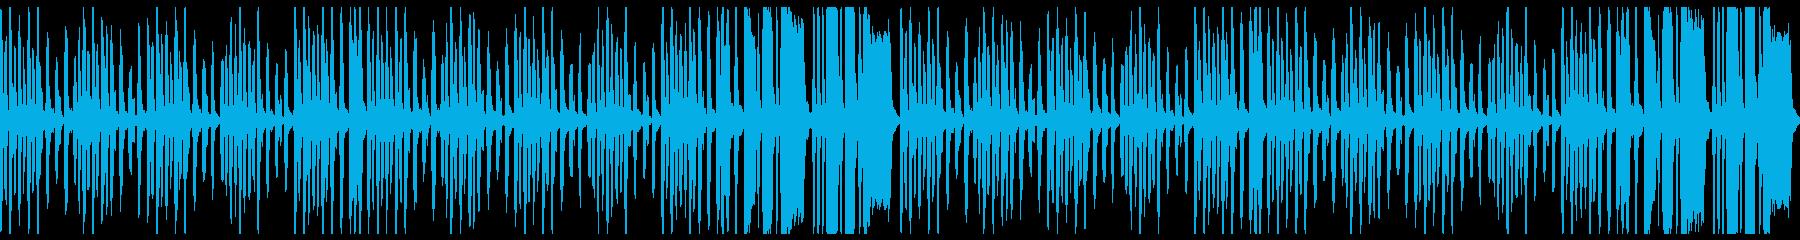 ほのぼのイメージのBGMループの再生済みの波形